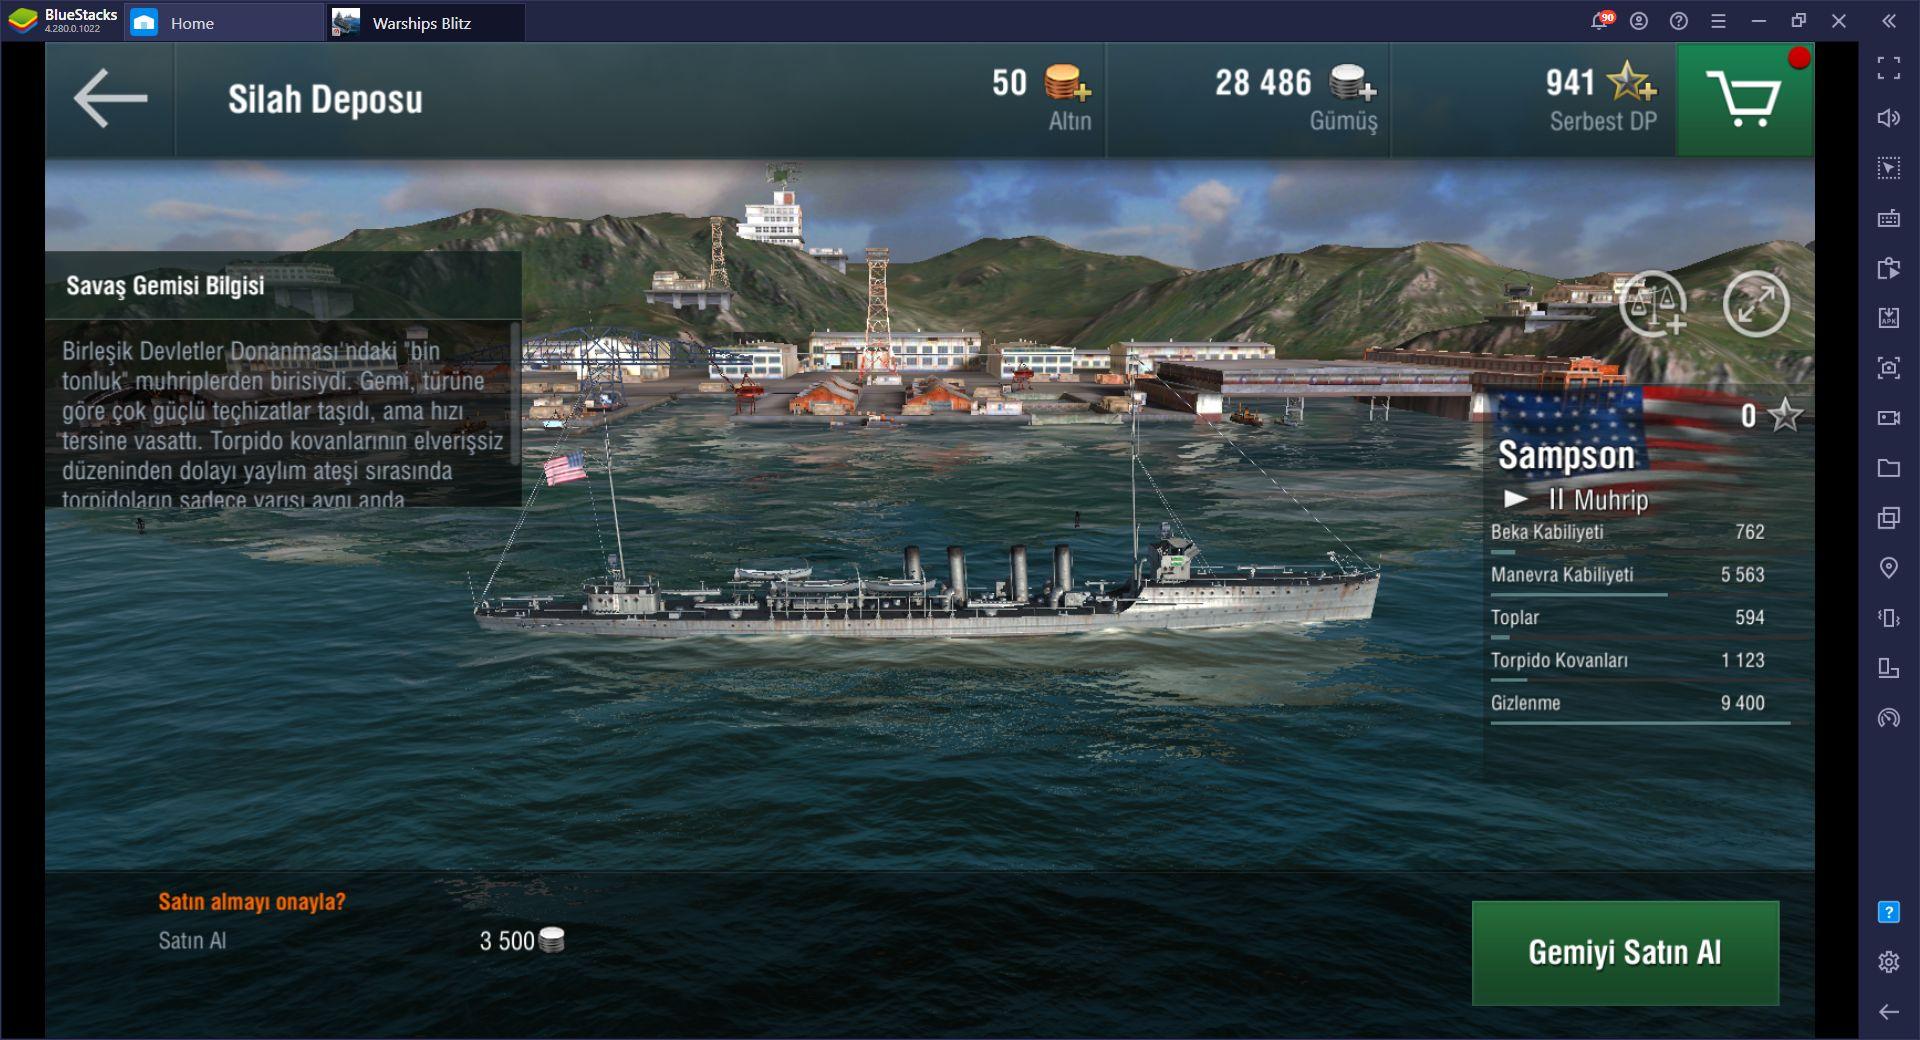 World of Warships Blitz Oyunundaki En İyi Gemiler